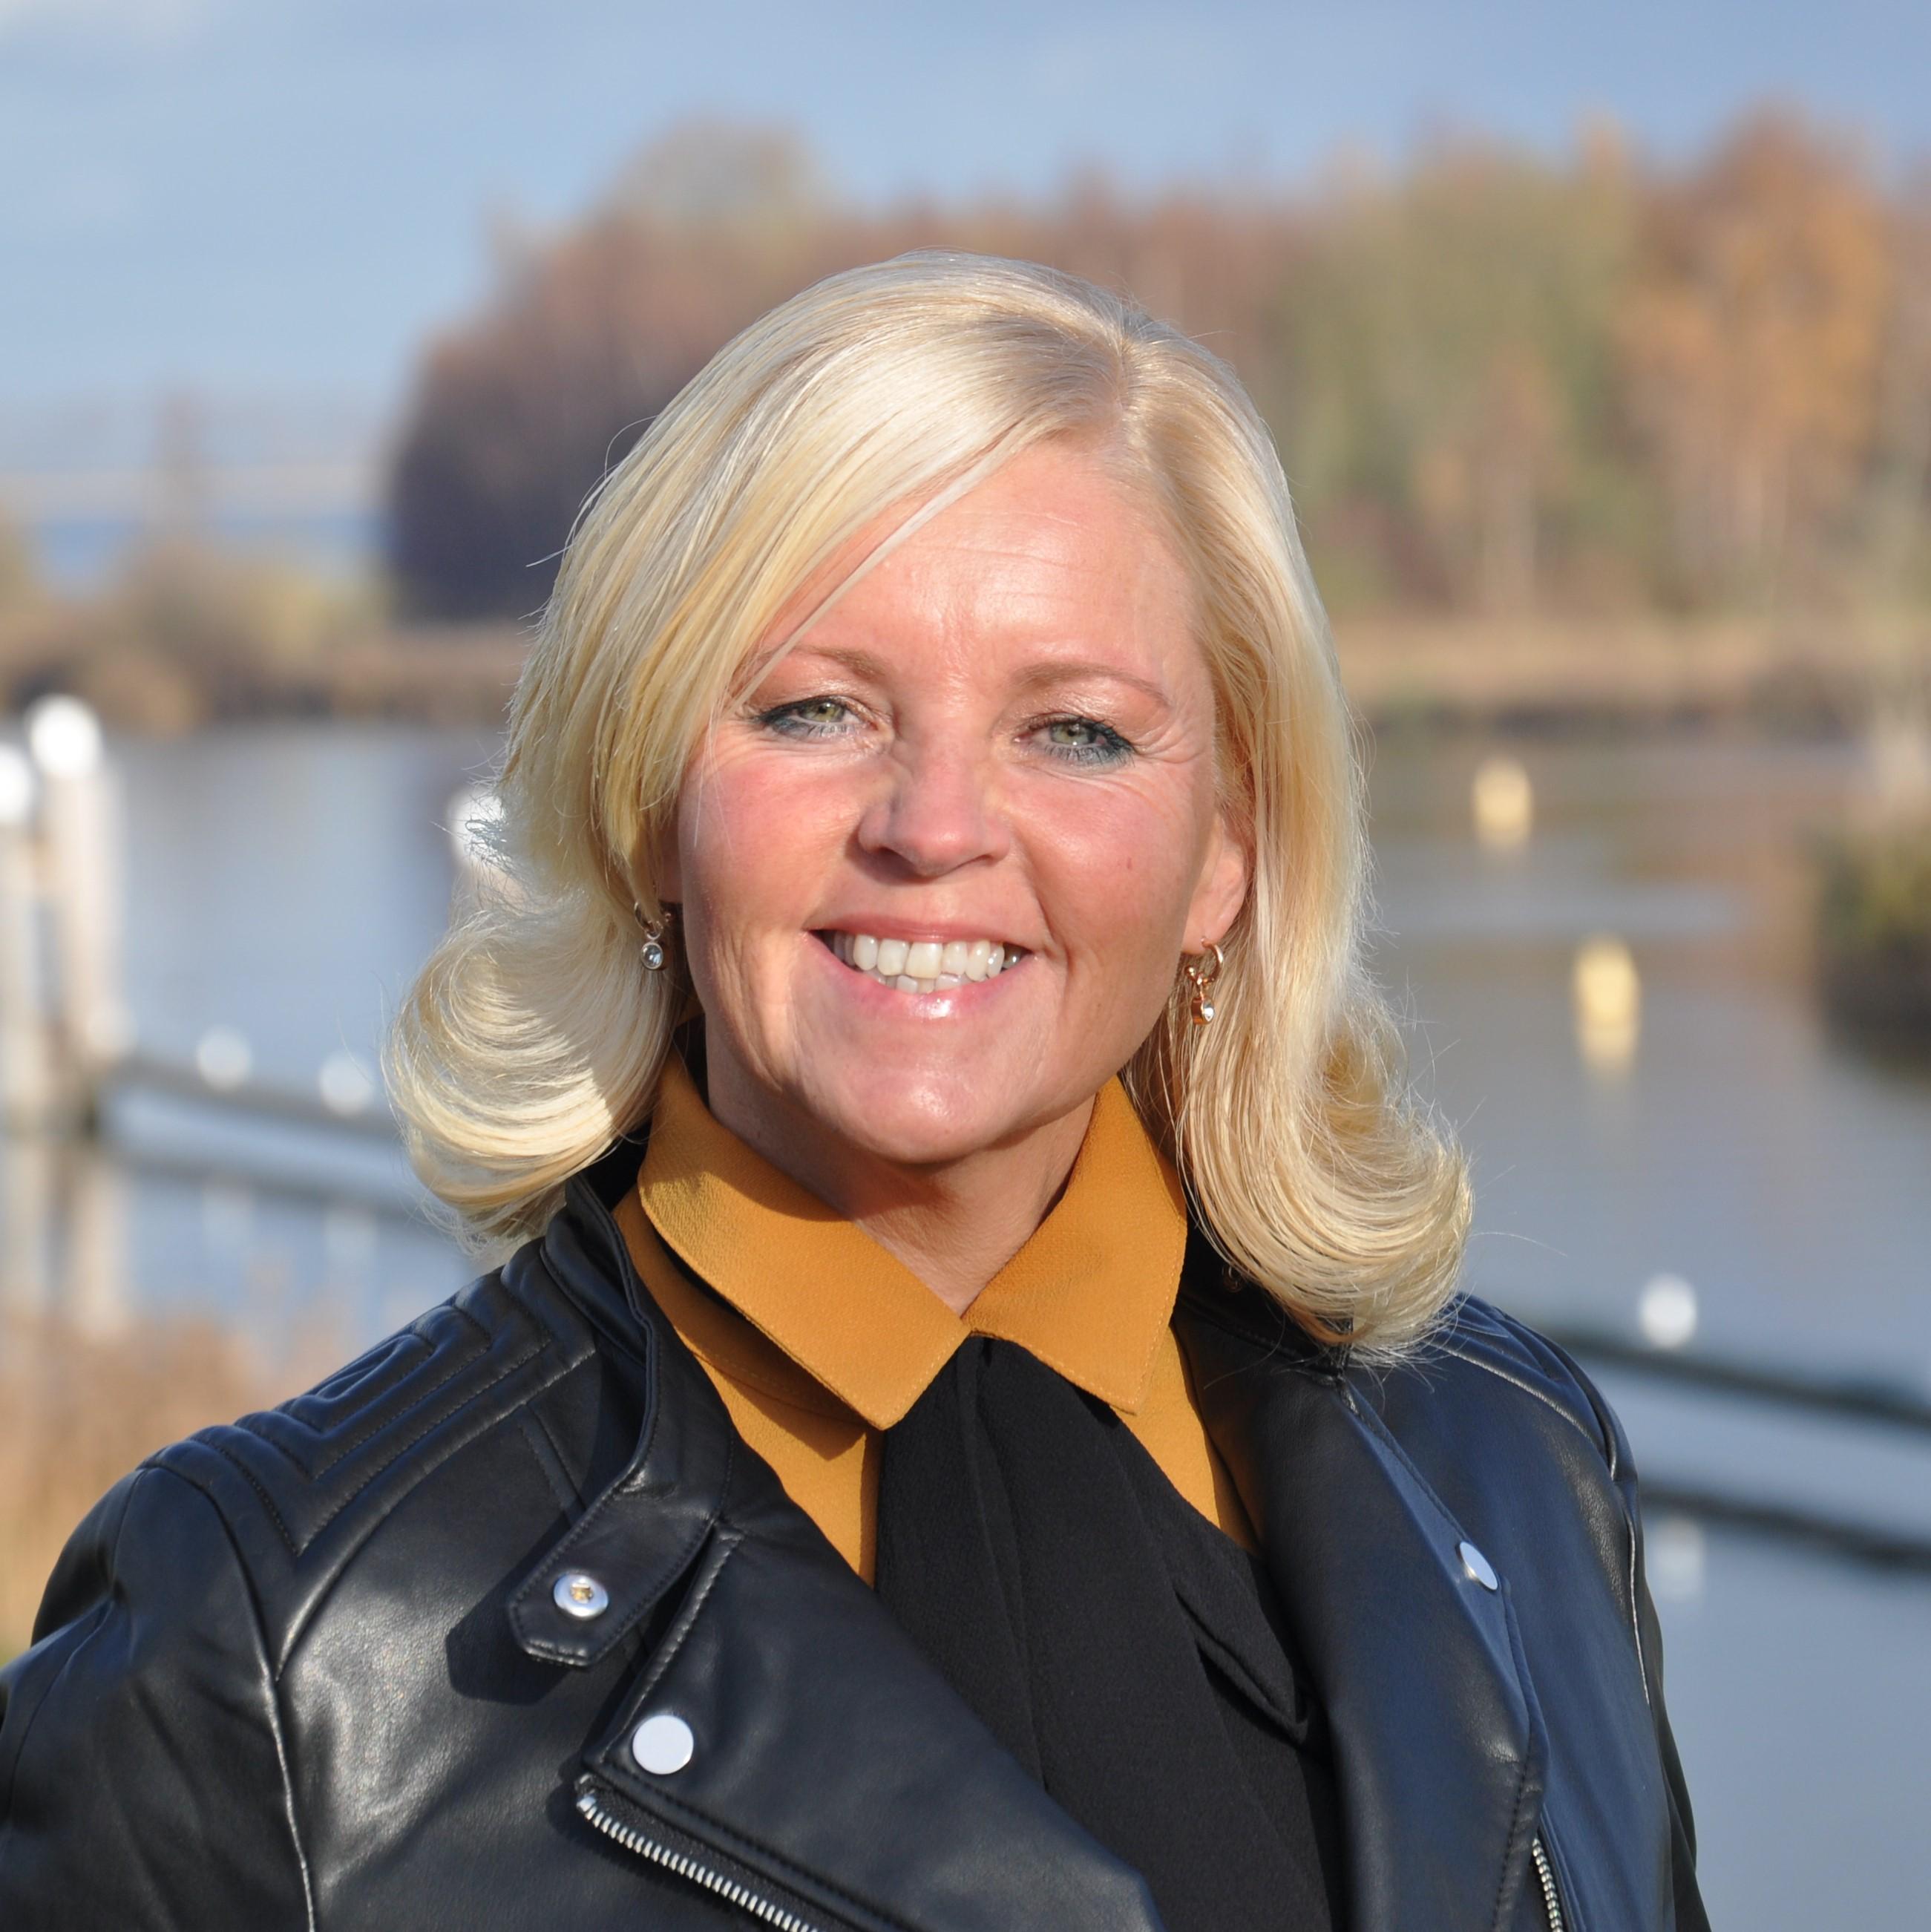 Janine Van Bers-Roelands